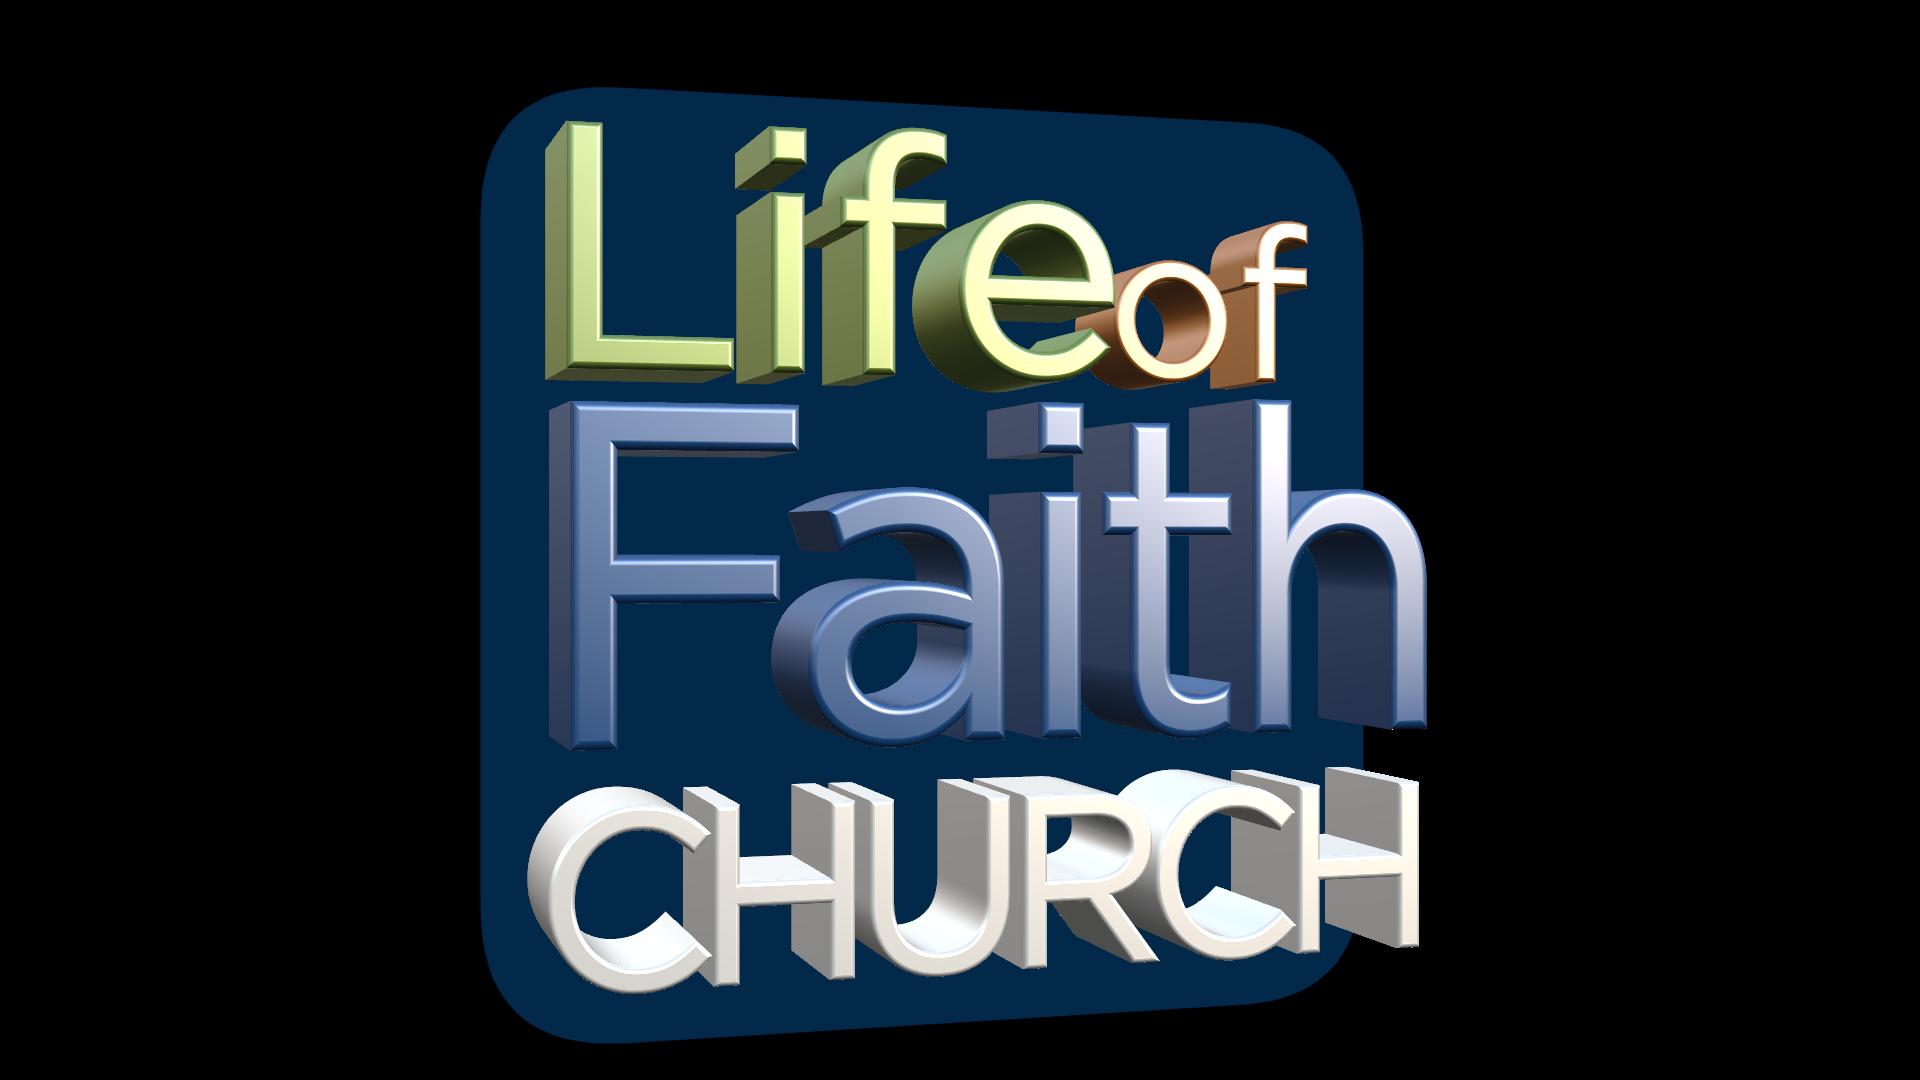 Life of Faith Church